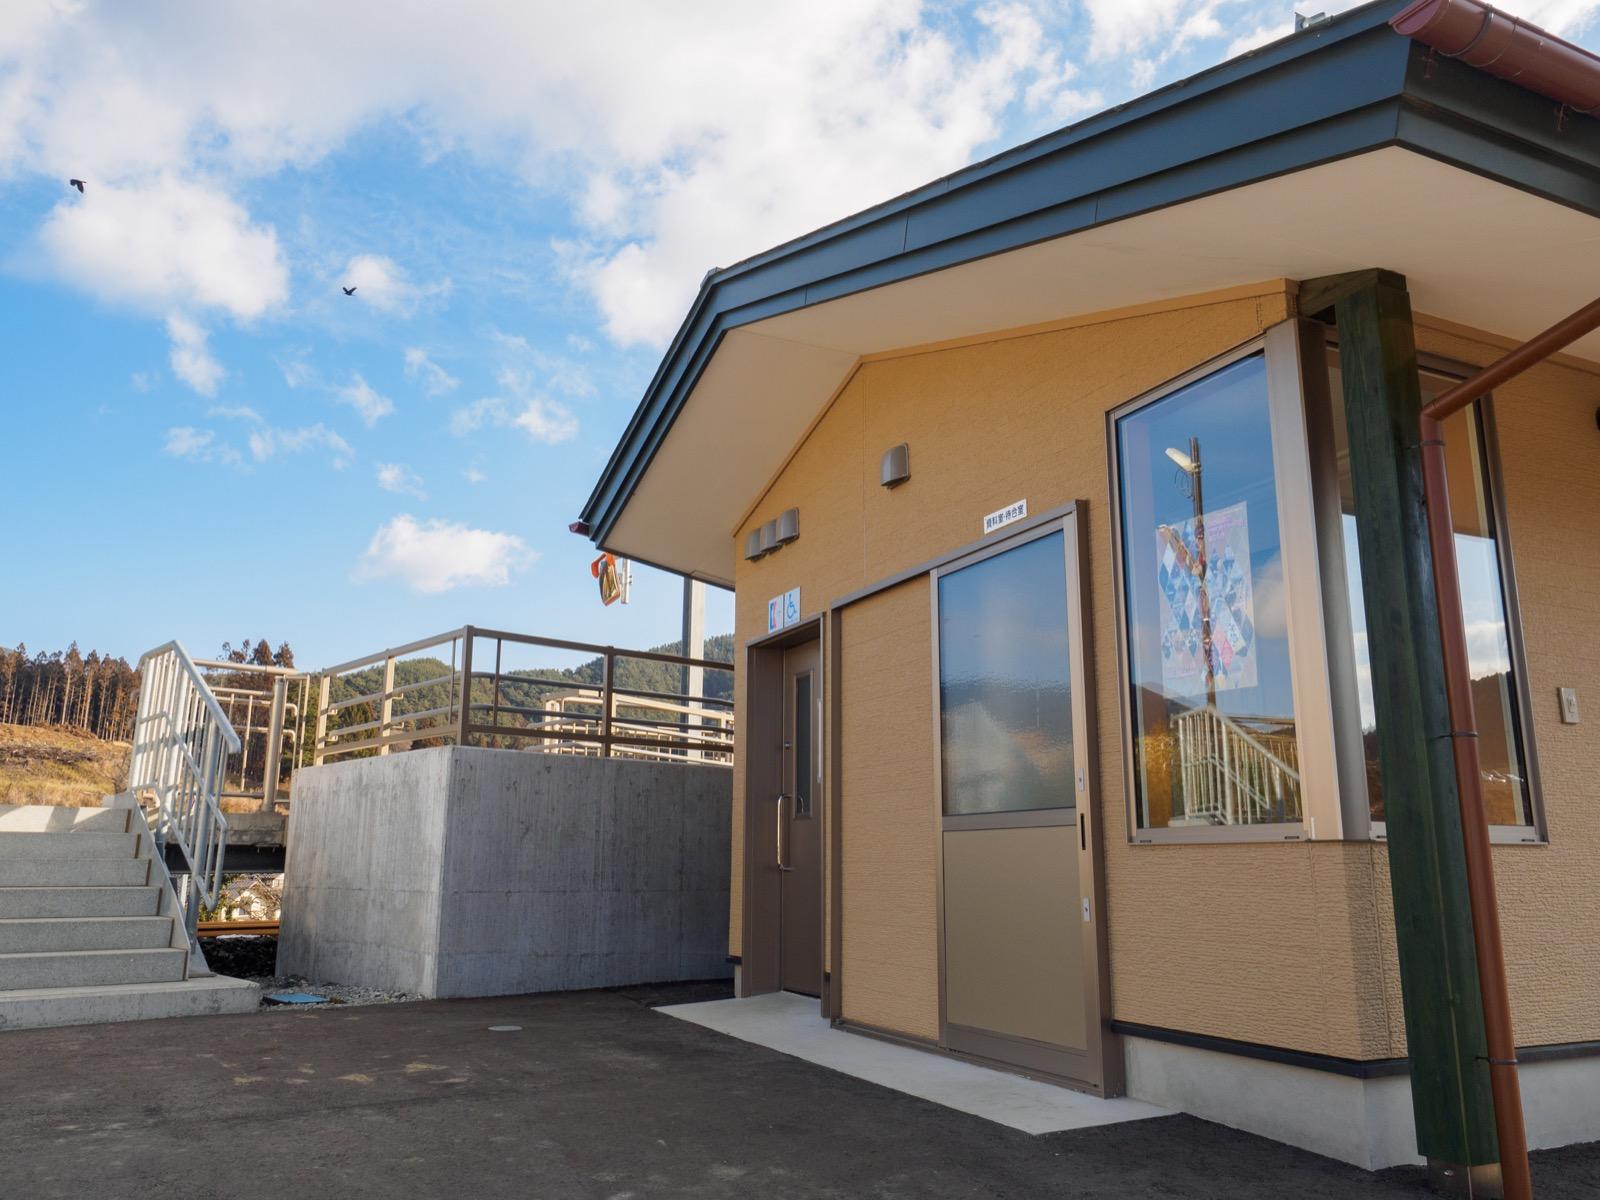 陸前赤崎駅のホーム下の資料室兼待合室